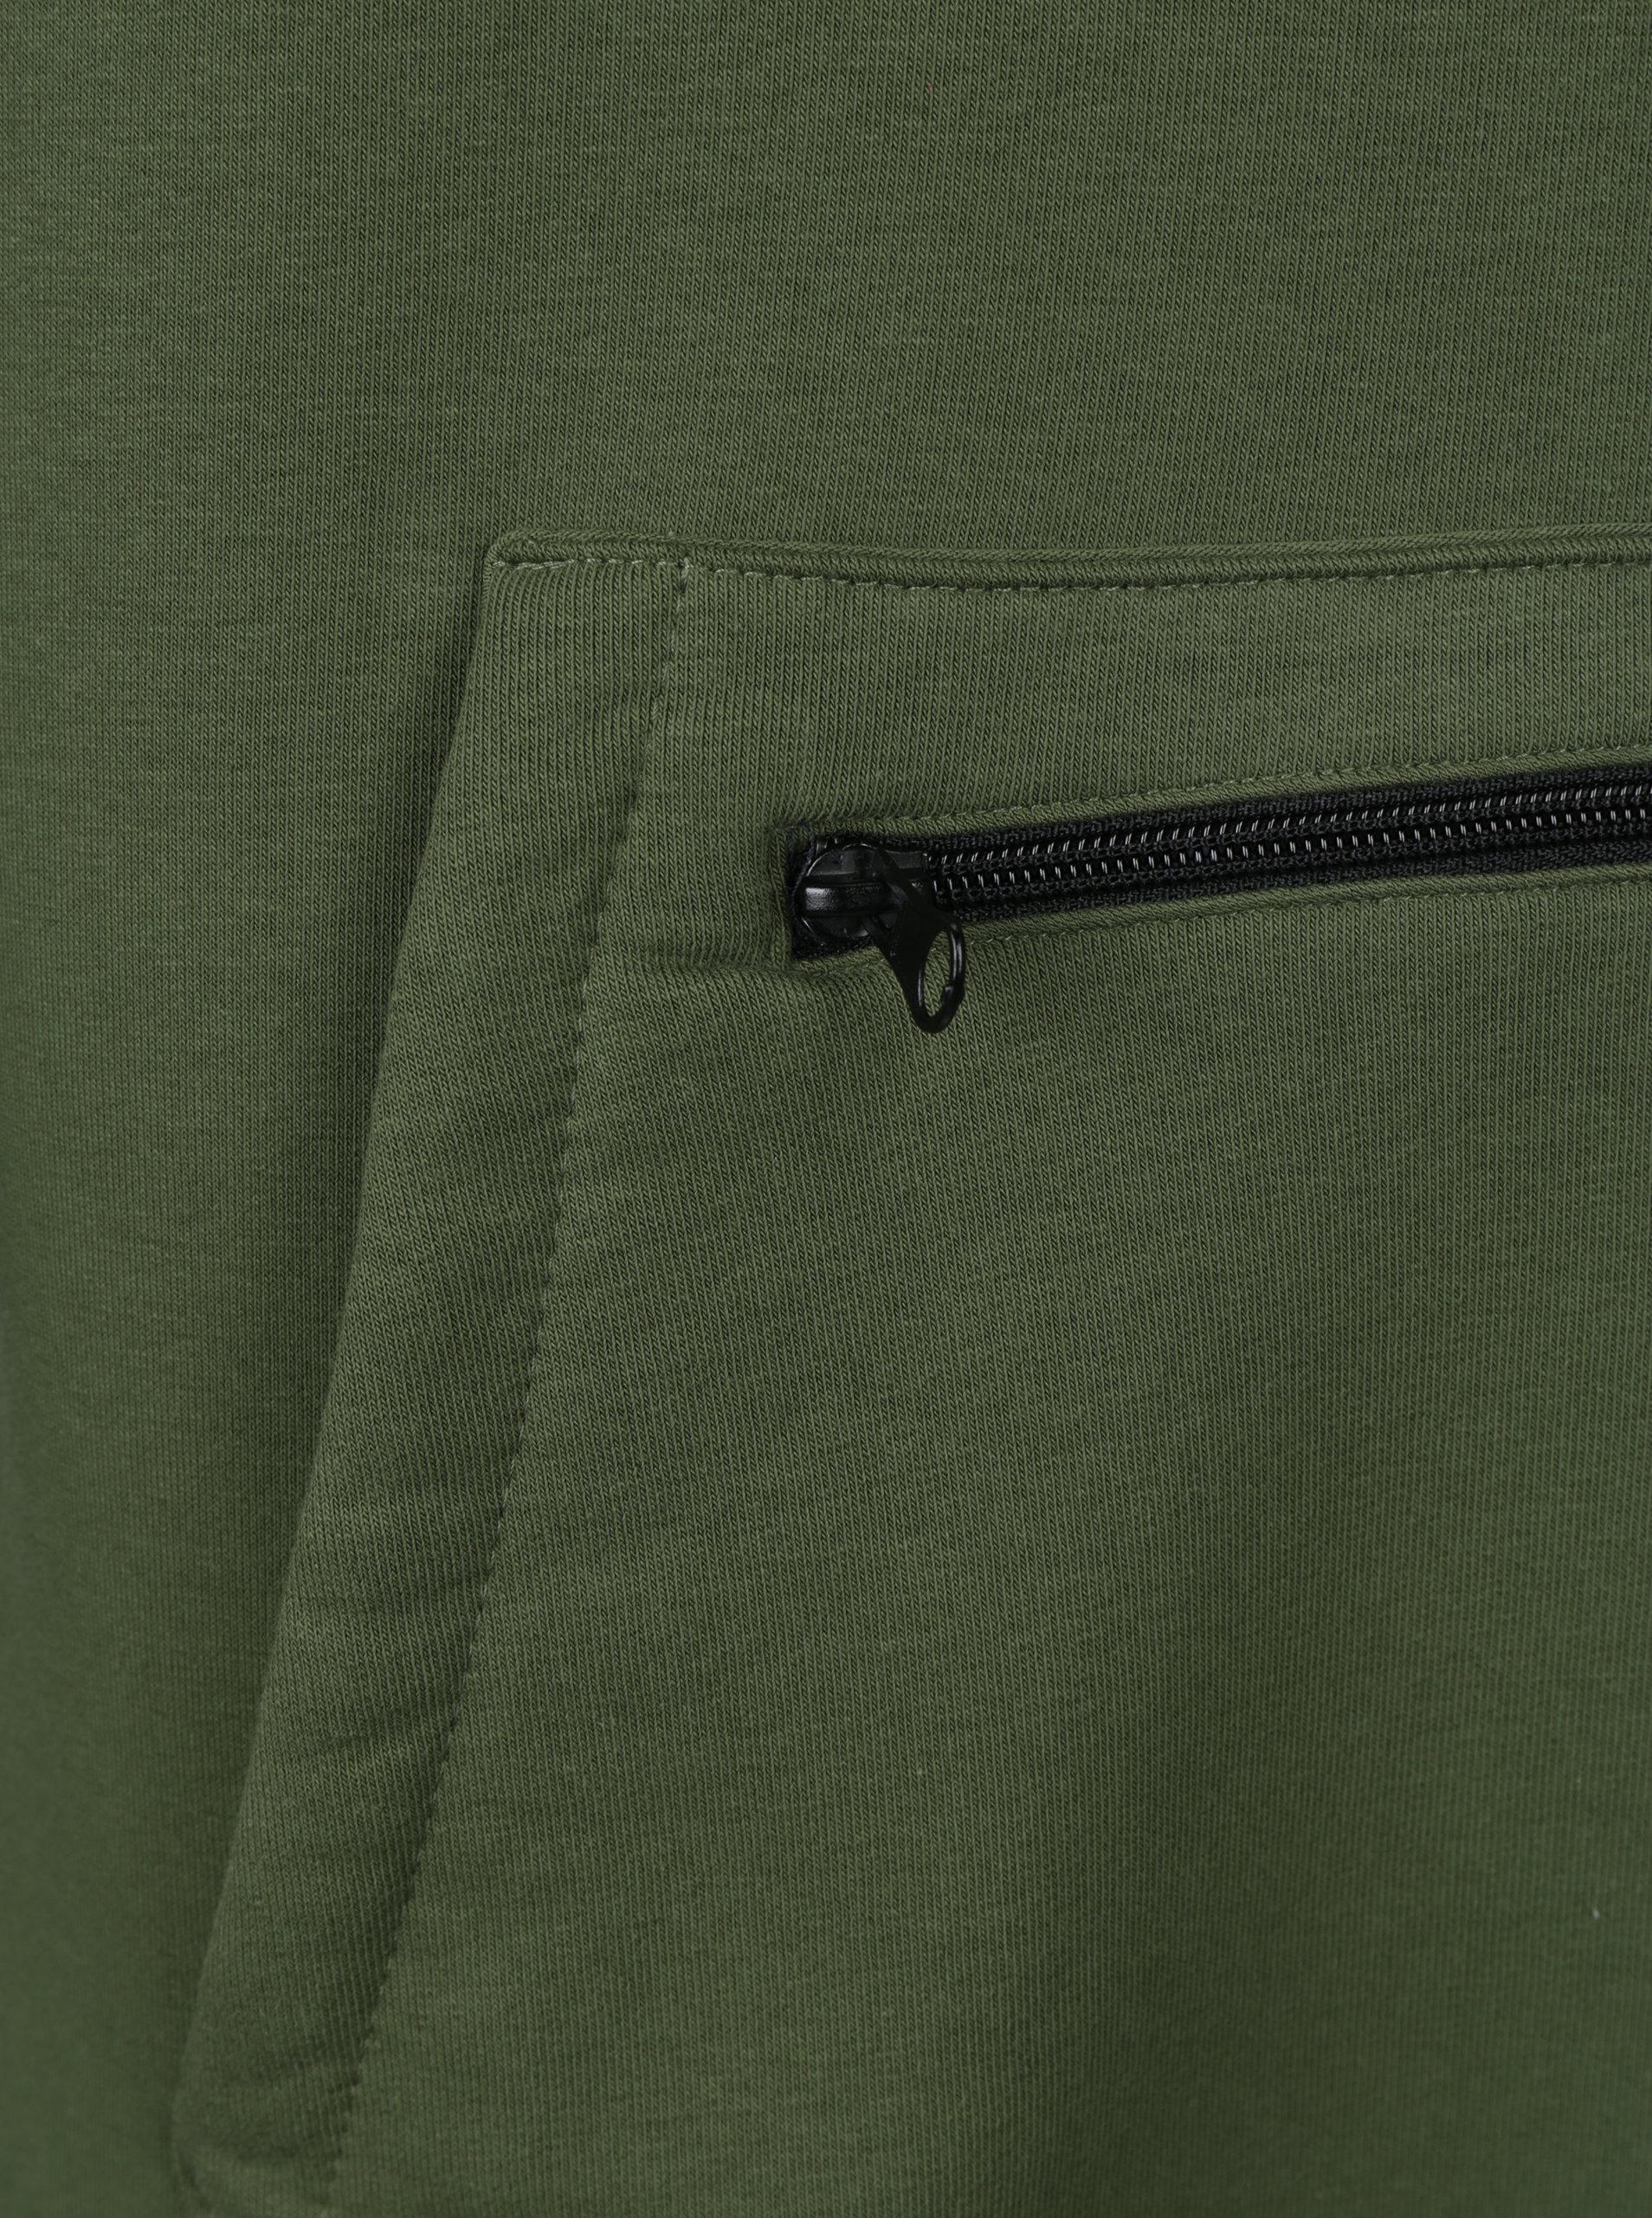 0ab7dc4b58fc Černo- zelená pánská dlouhá mikina s kapucí Horsefeathers Sherwin II Long  ...